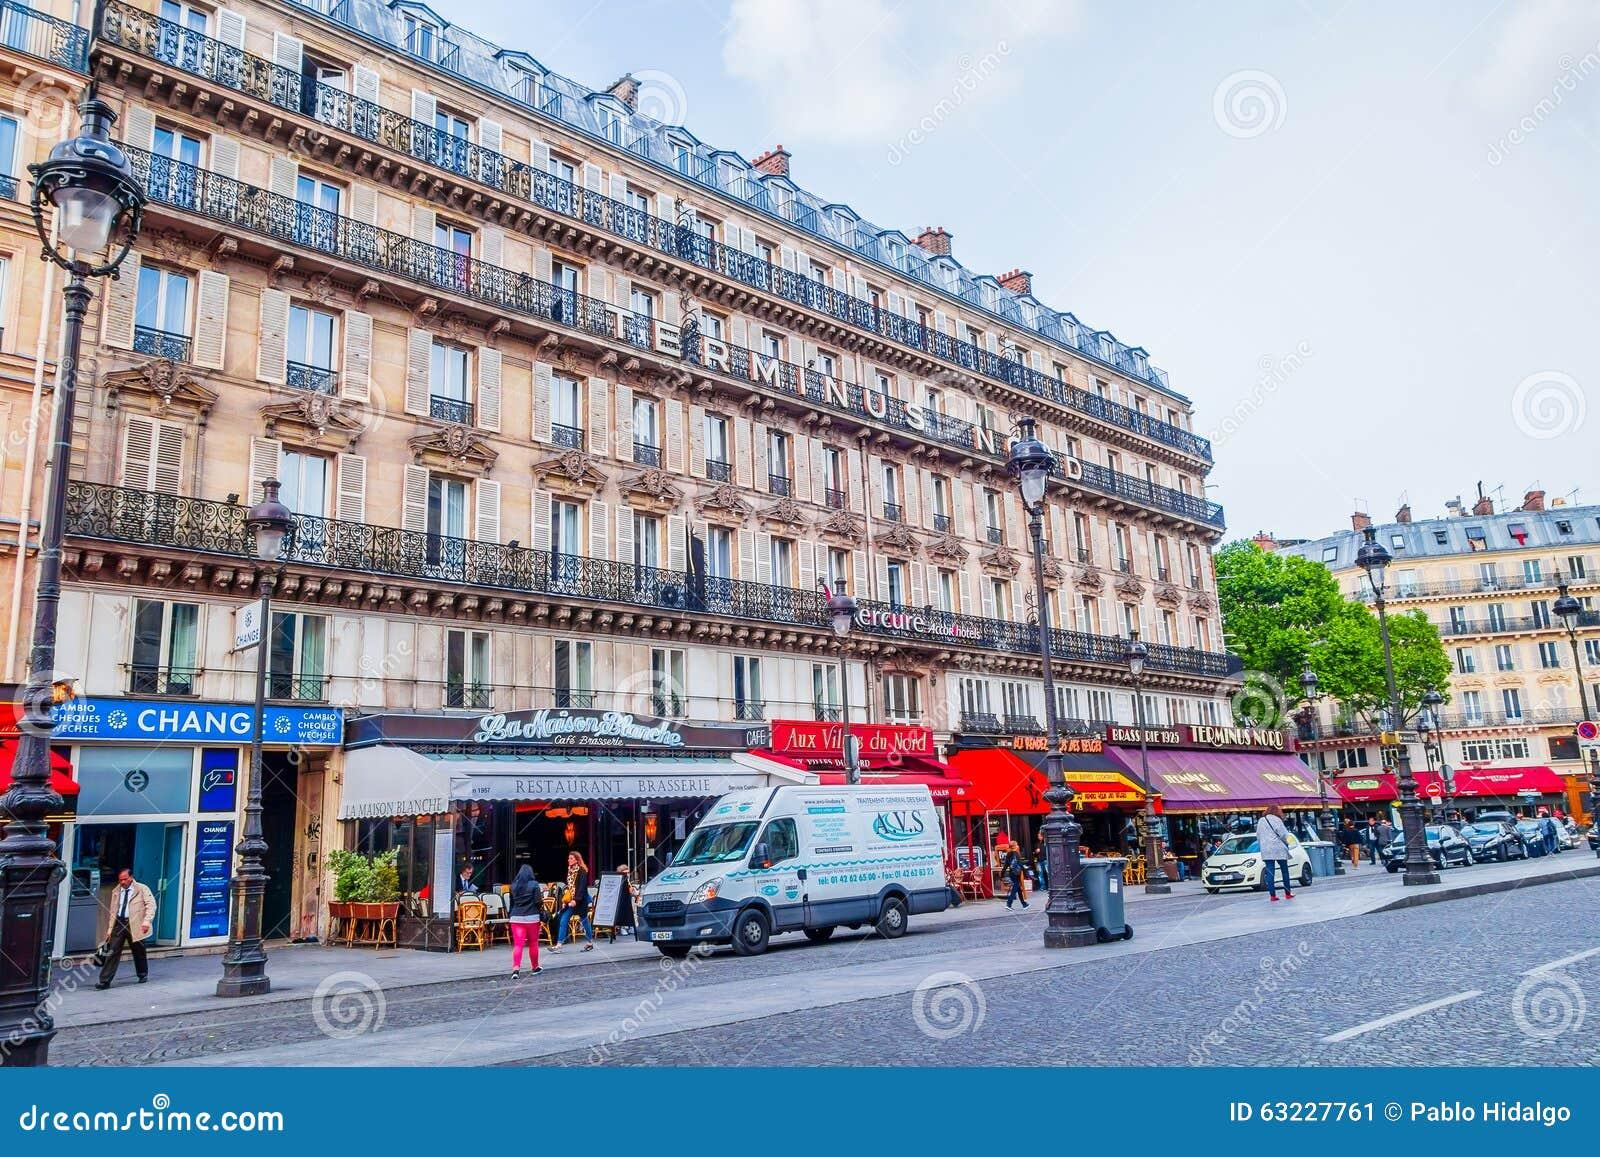 beautiful terminus nord hotel in paris editorial photo